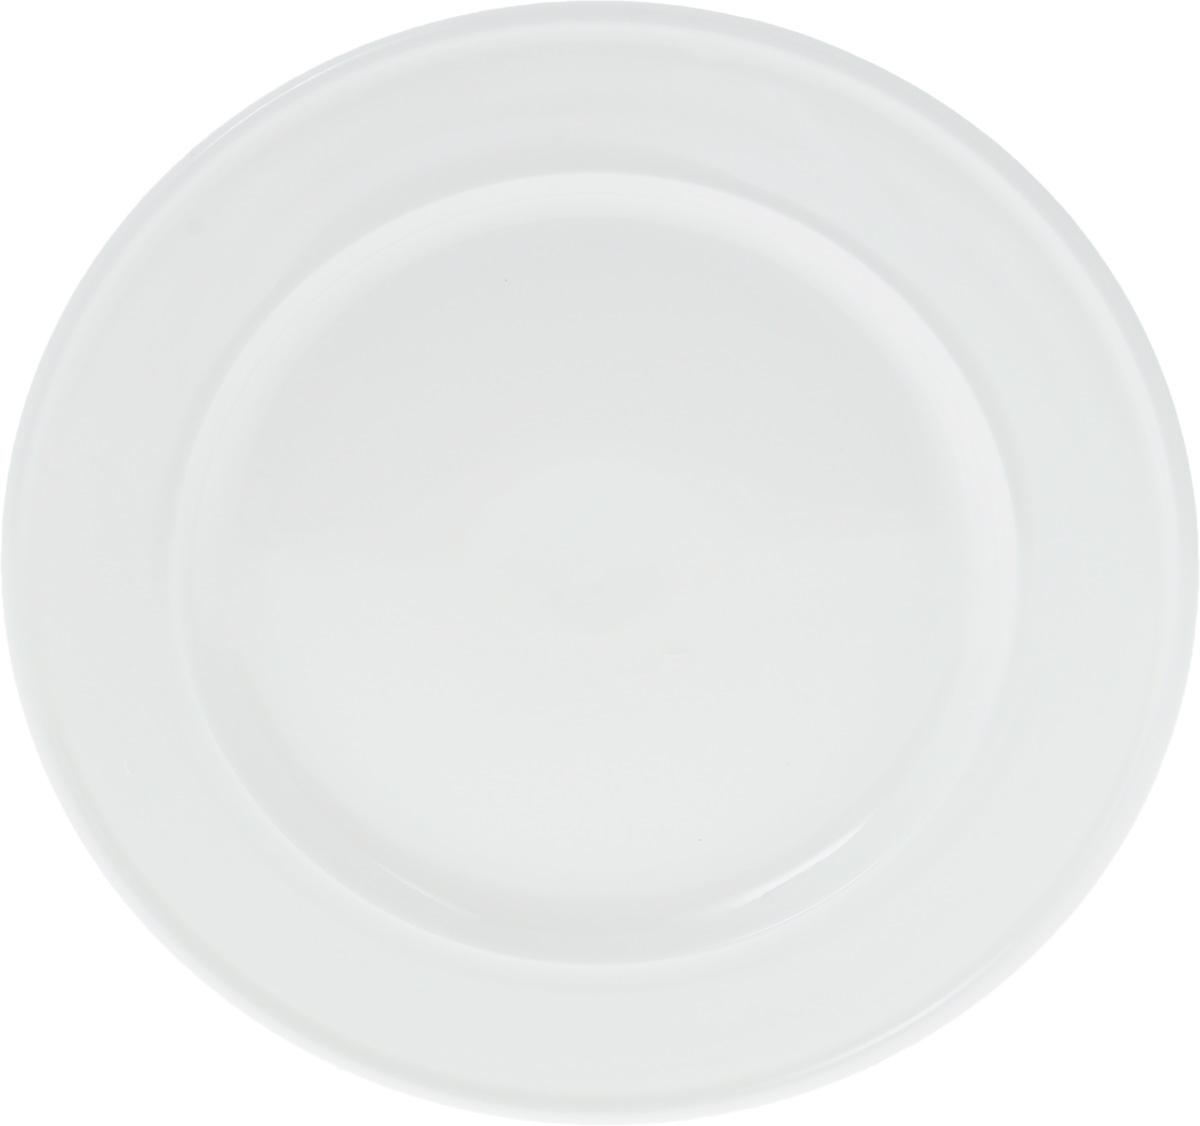 Тарелка Wilmax, диаметр 23 см. WL-991241 / AWL-991241 / AТарелка Wilmax, изготовленная из высококачественного фарфора, имеет классическую круглую форму. Оригинальный дизайн придется по вкусу и ценителям классики, и тем, кто предпочитает утонченность и изысканность. Тарелка Wilmax идеально подойдет для сервировки стола и станет отличным подарком к любому празднику.